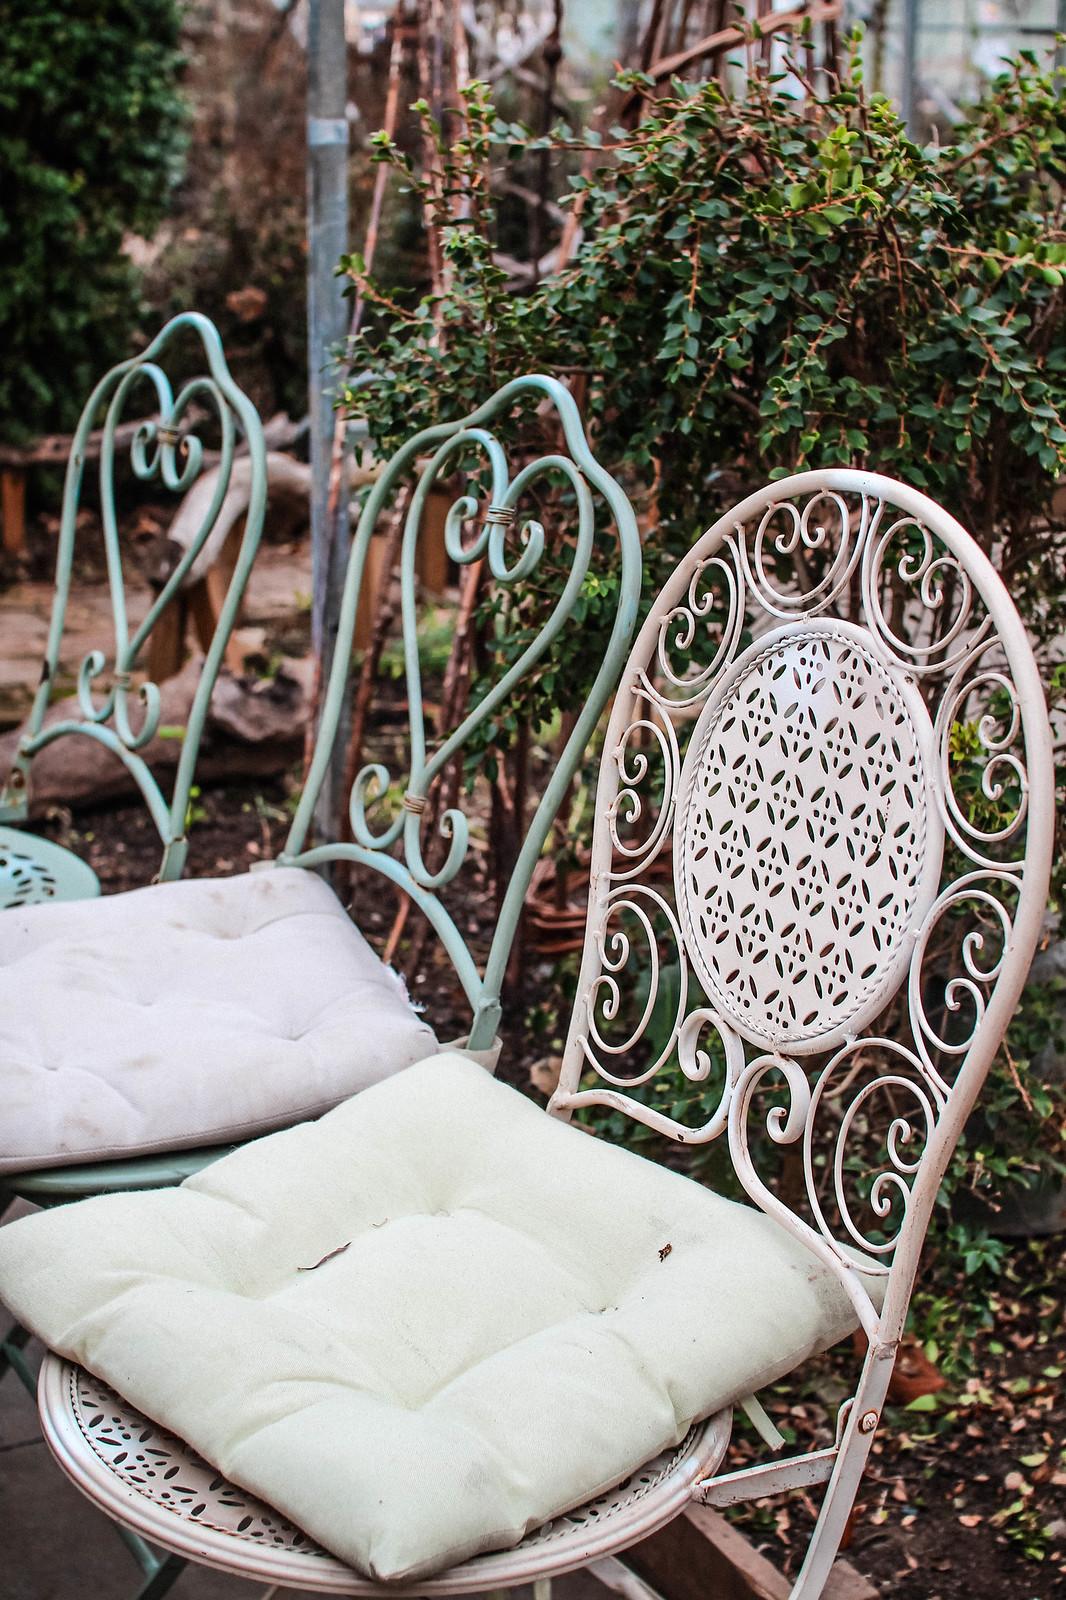 Edinburgh Secret Herb Garden Review Lifestyle blogger travel UK The Little Things IMG_7655